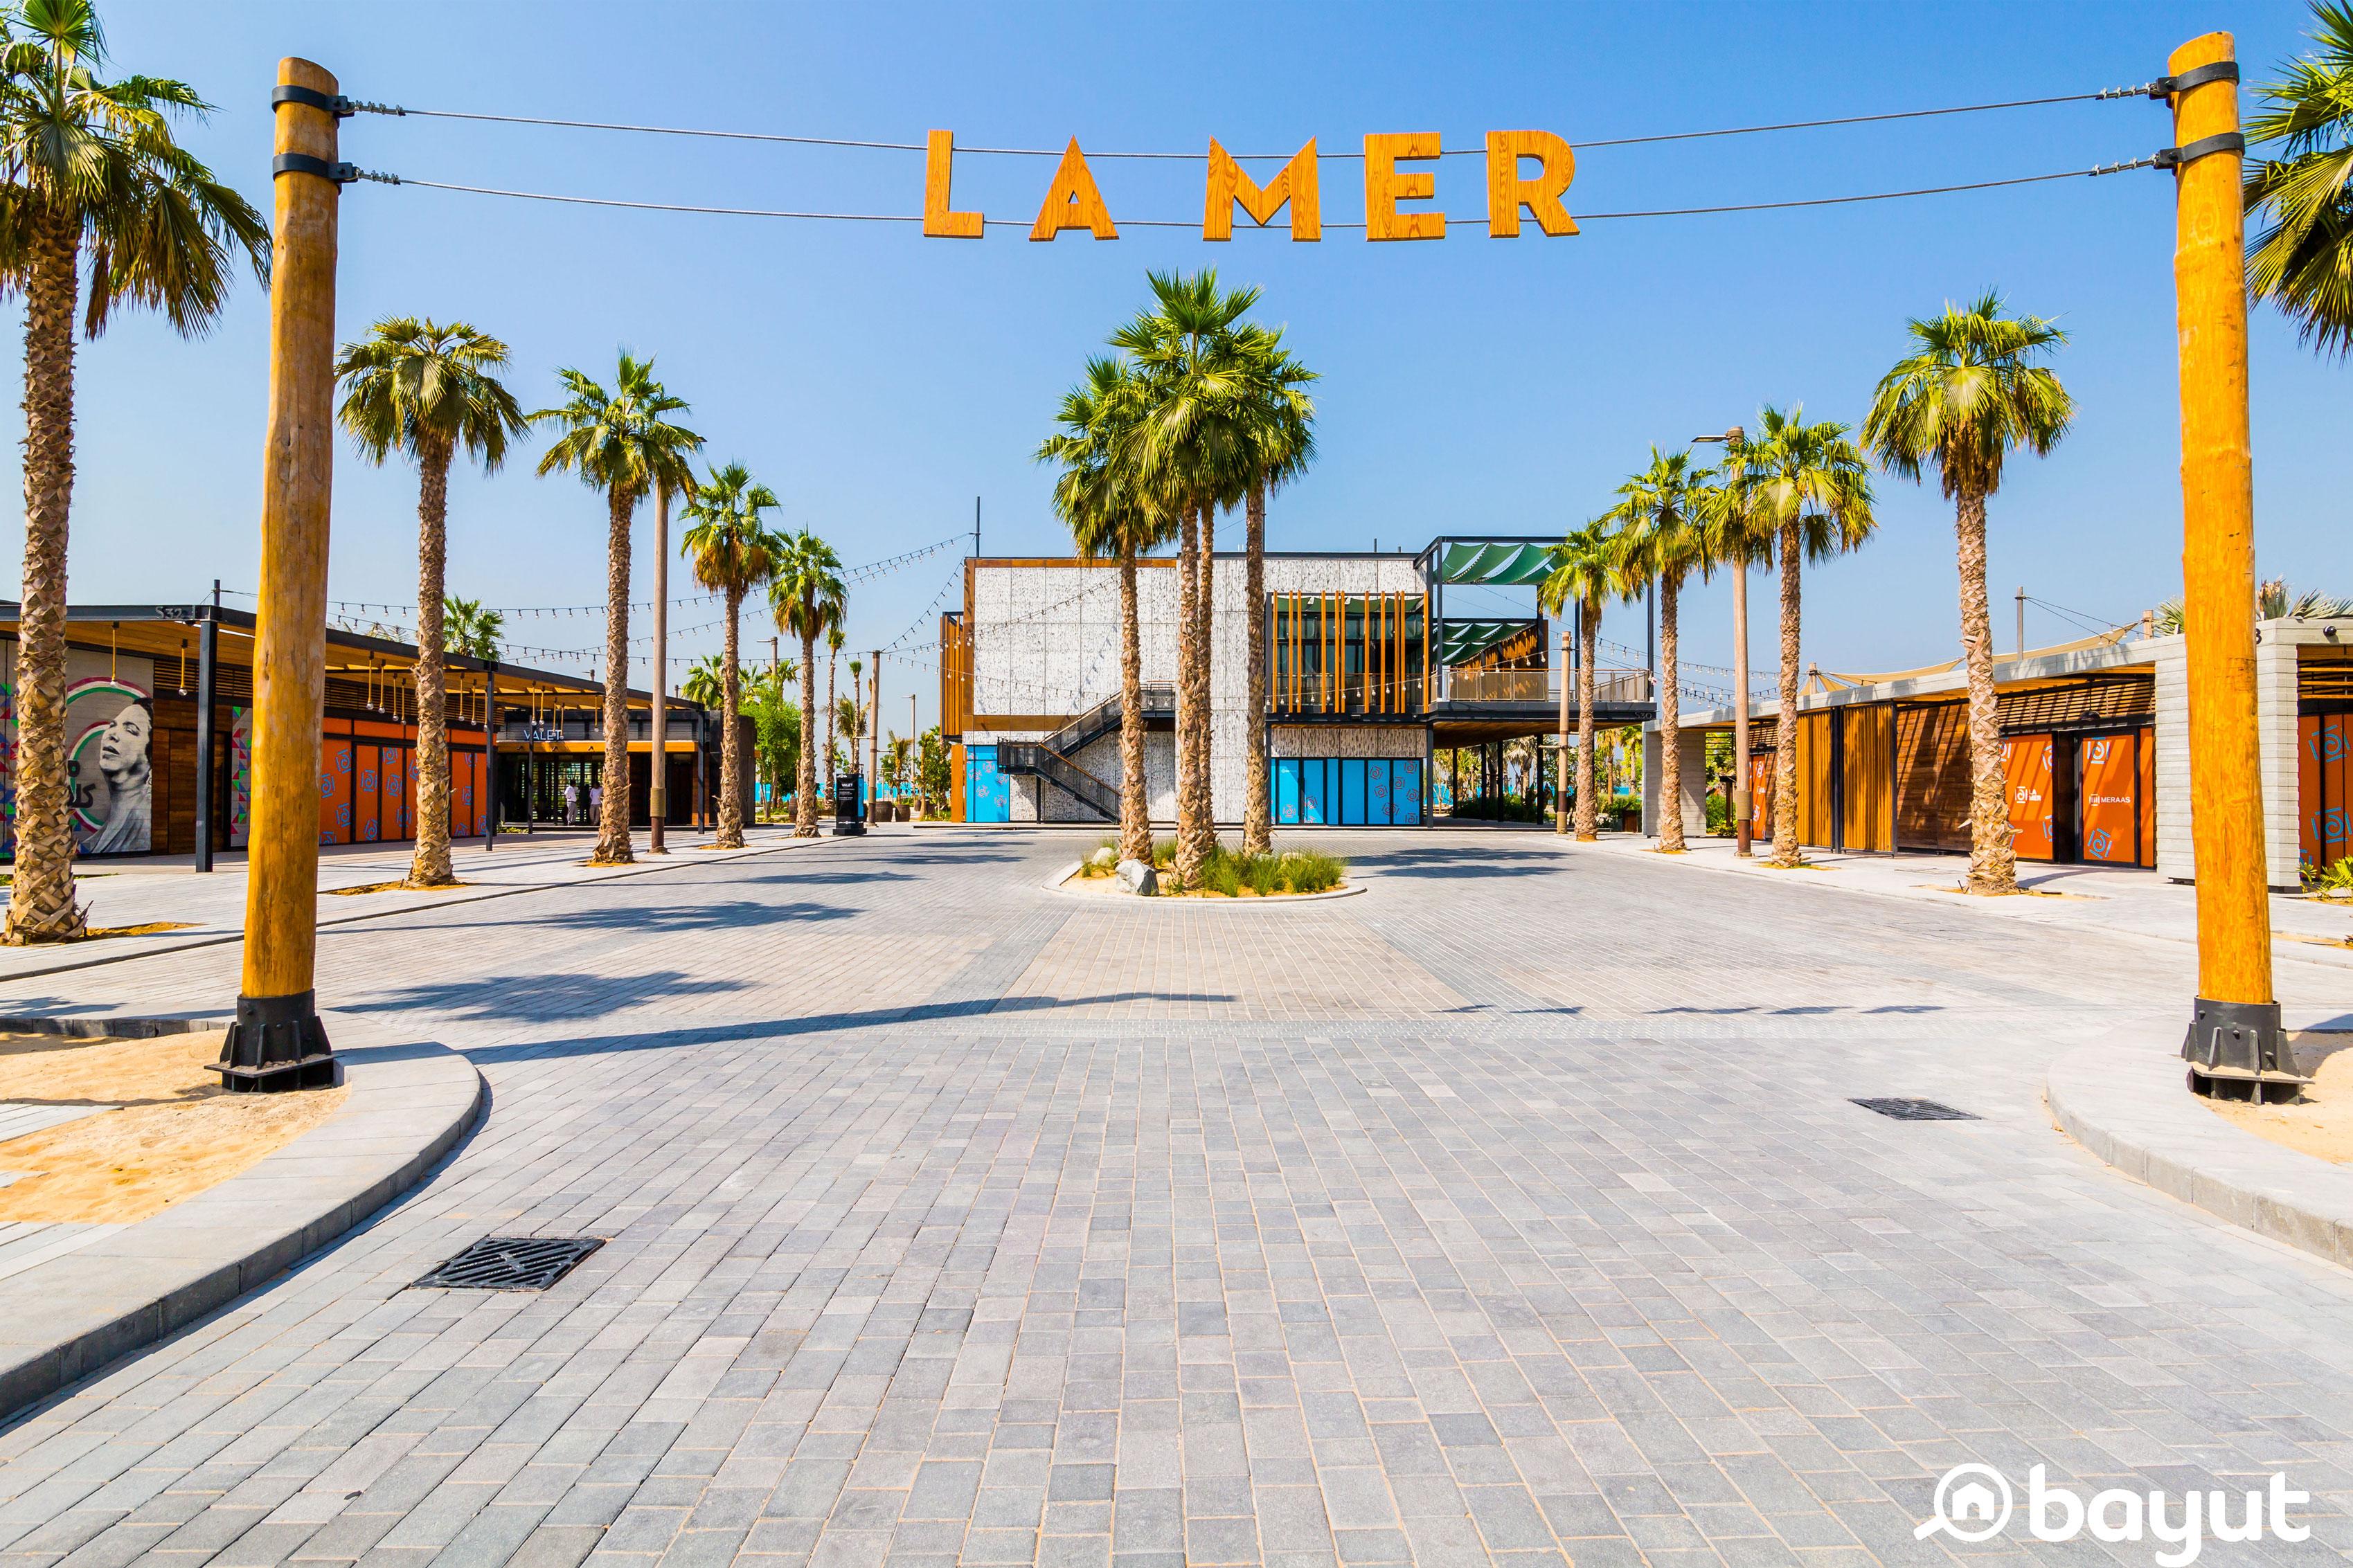 La Mer Insta-friendly attractions